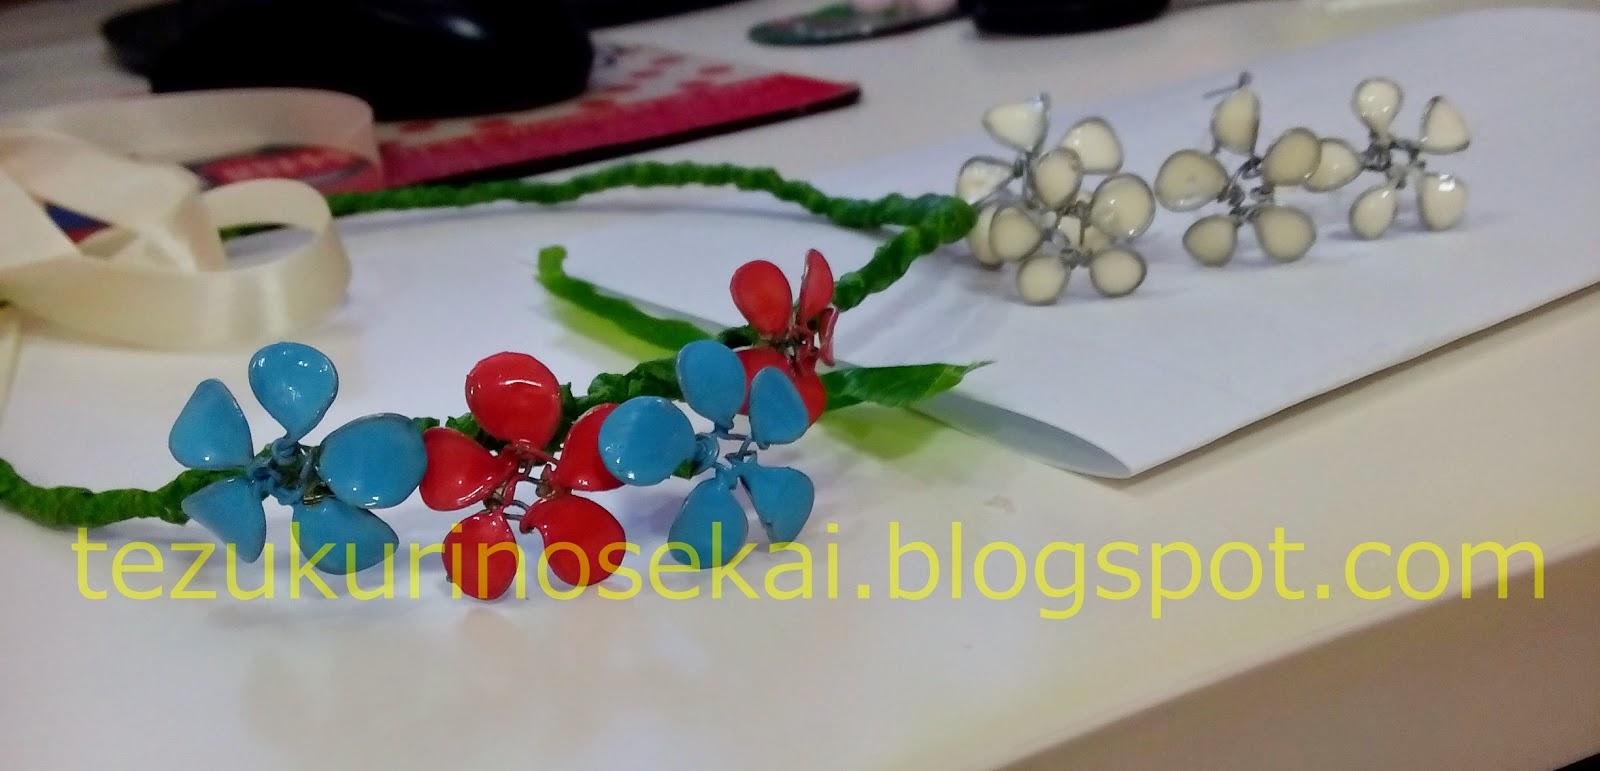 tutorial mahkota bunga flower crown dari kawat lilitkan bunga satu persatu dengan warna berselang seling ke lingkaran flower crown yang sudah dibuat izmirmasajfo